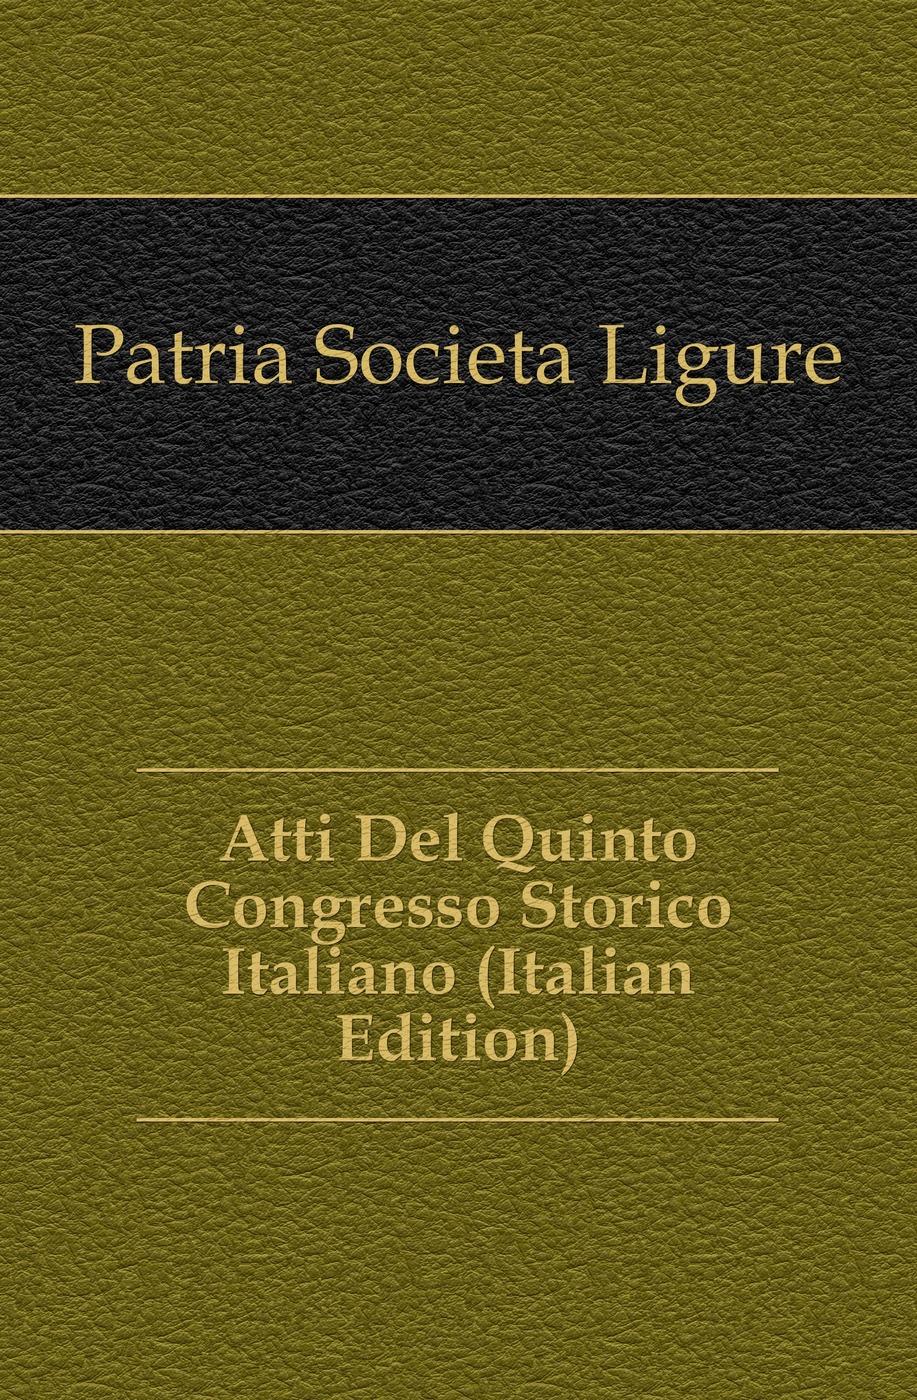 Patria Società Ligure Atti Del Quinto Congresso Storico Italiano (Italian Edition)